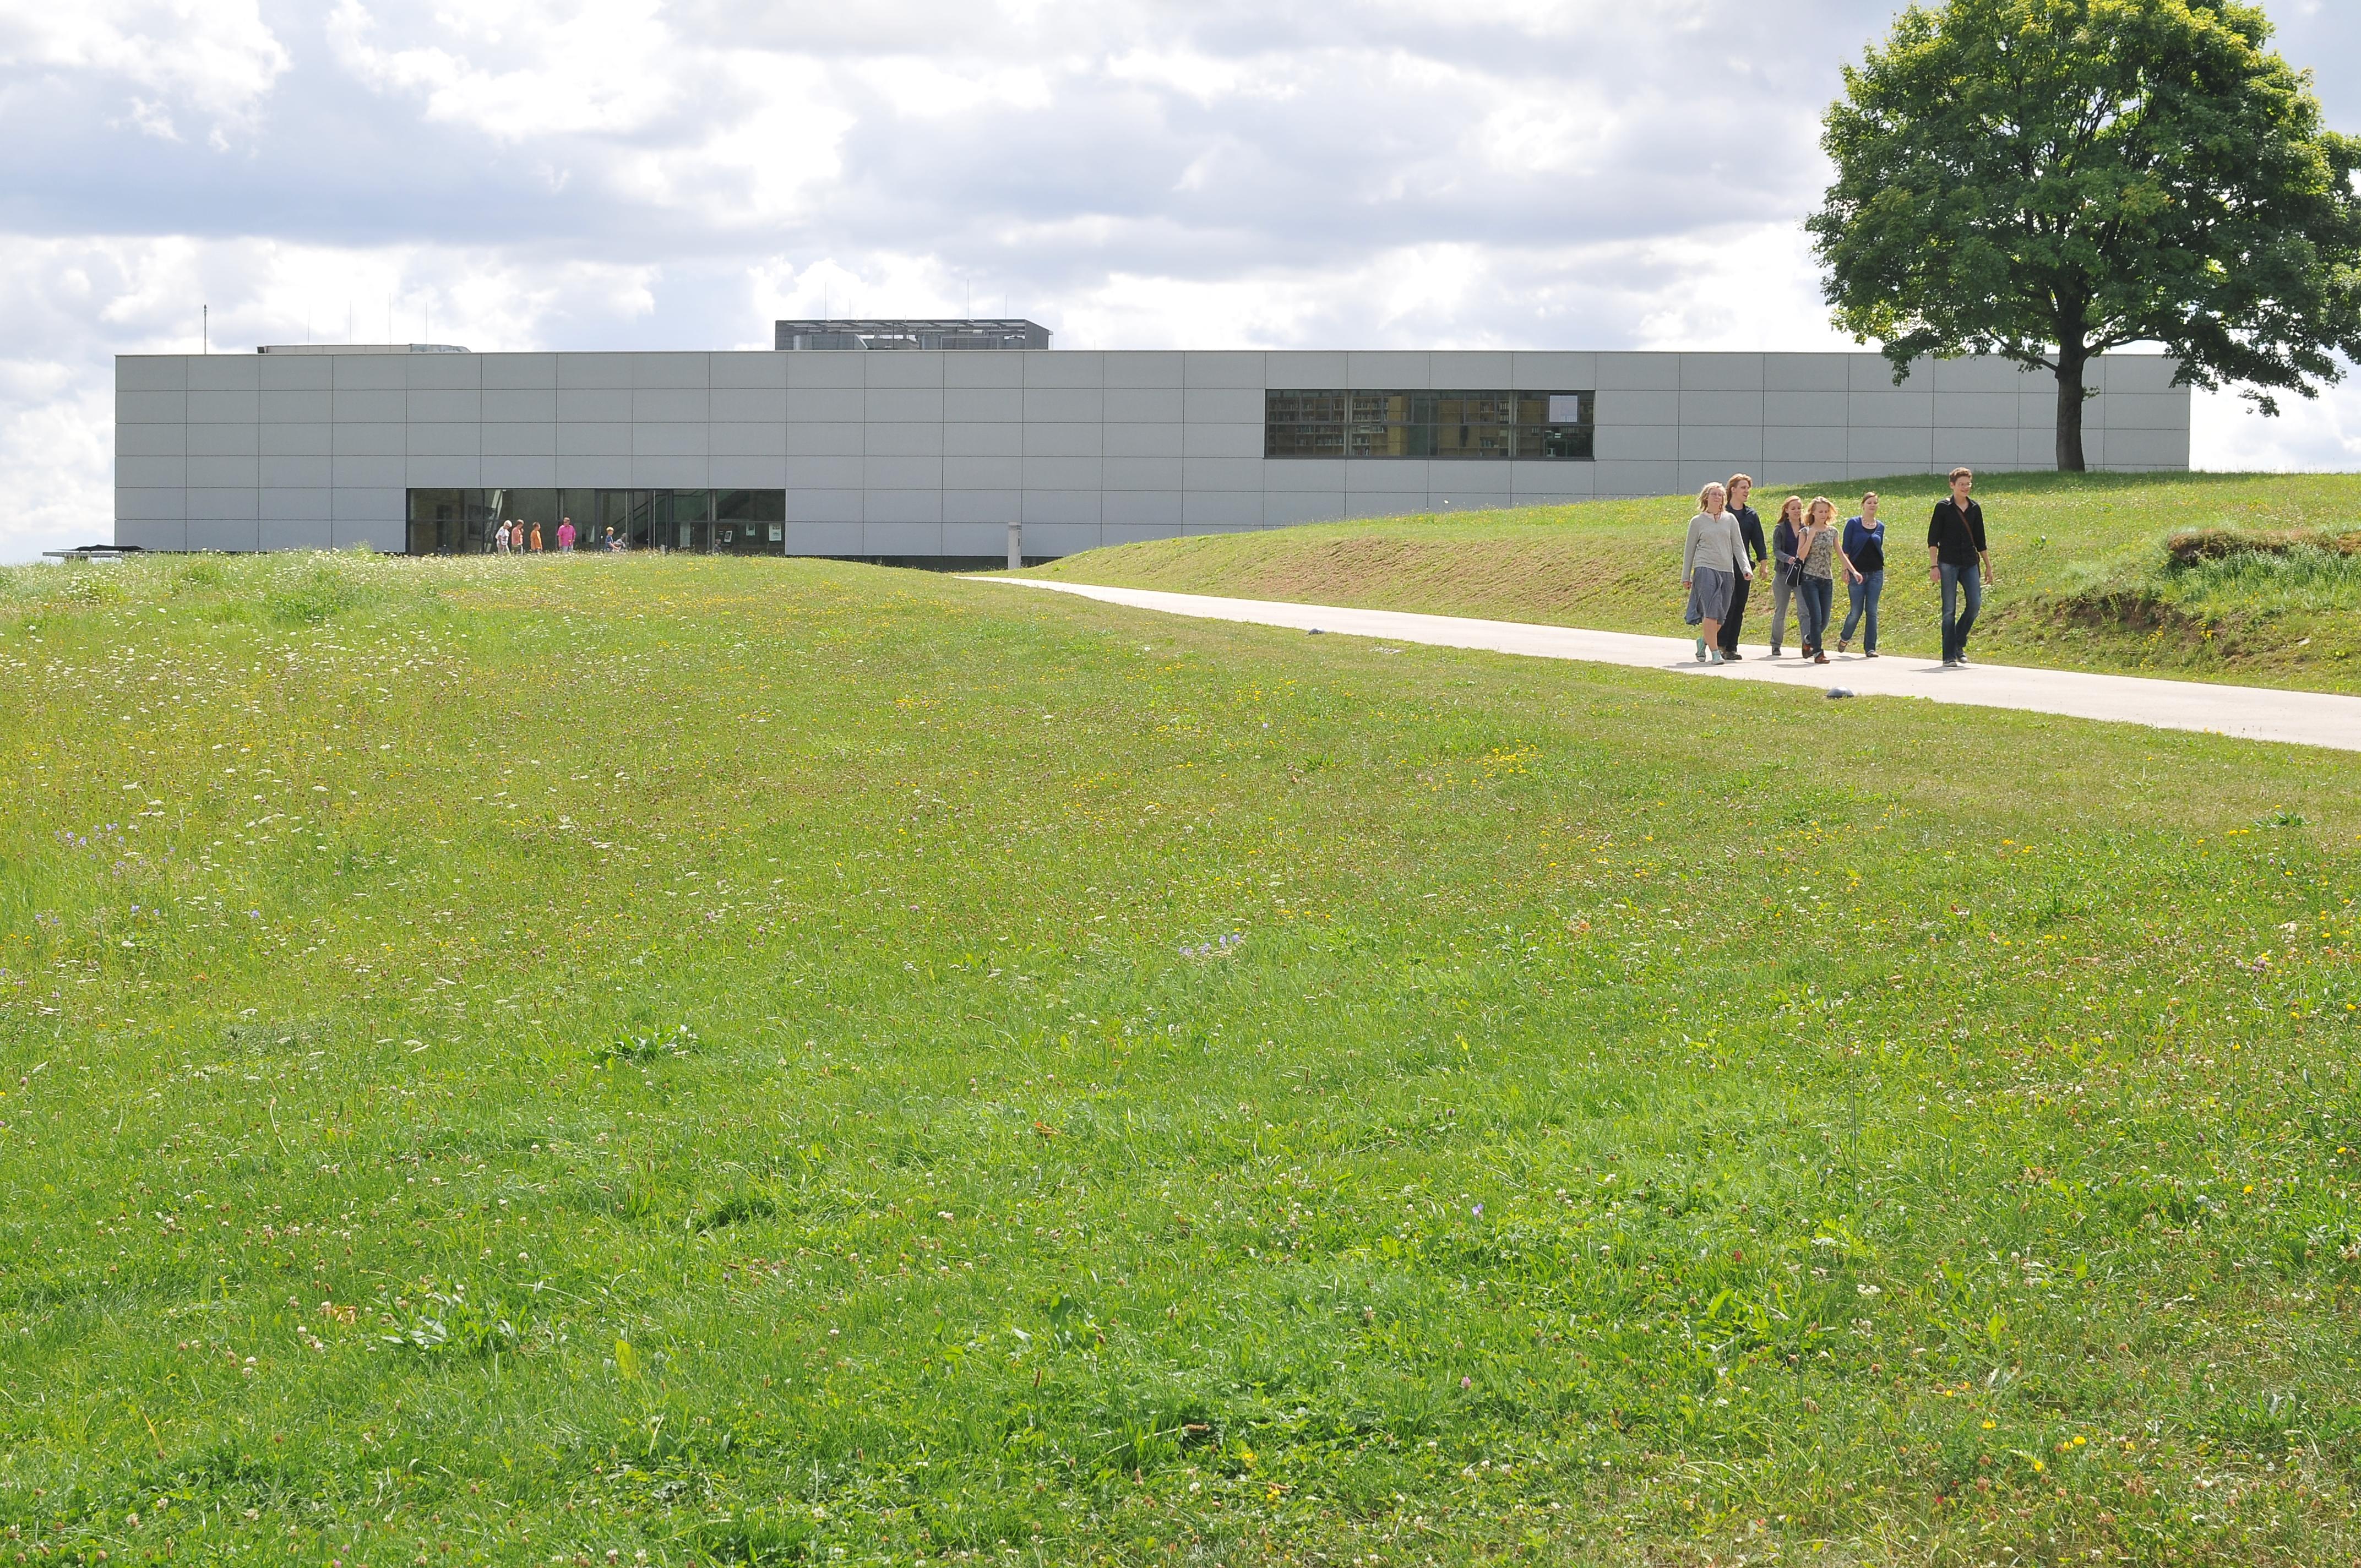 Museumsgebäude der KZ-Gedenkstätte Mittelbau-Dora